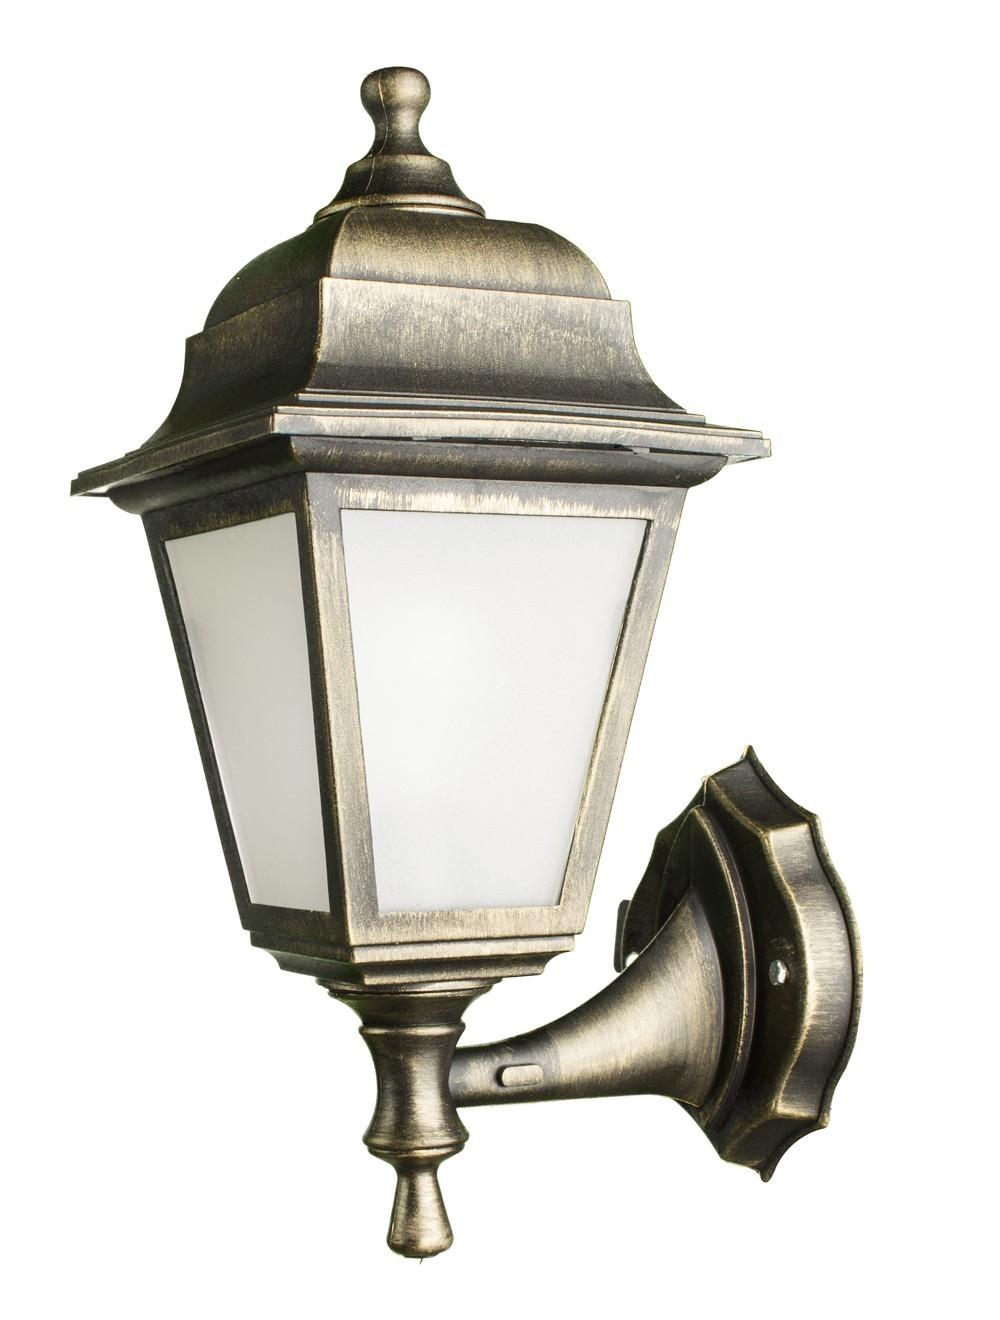 Купить Светильник уличный Arte lamp A1115al-1br